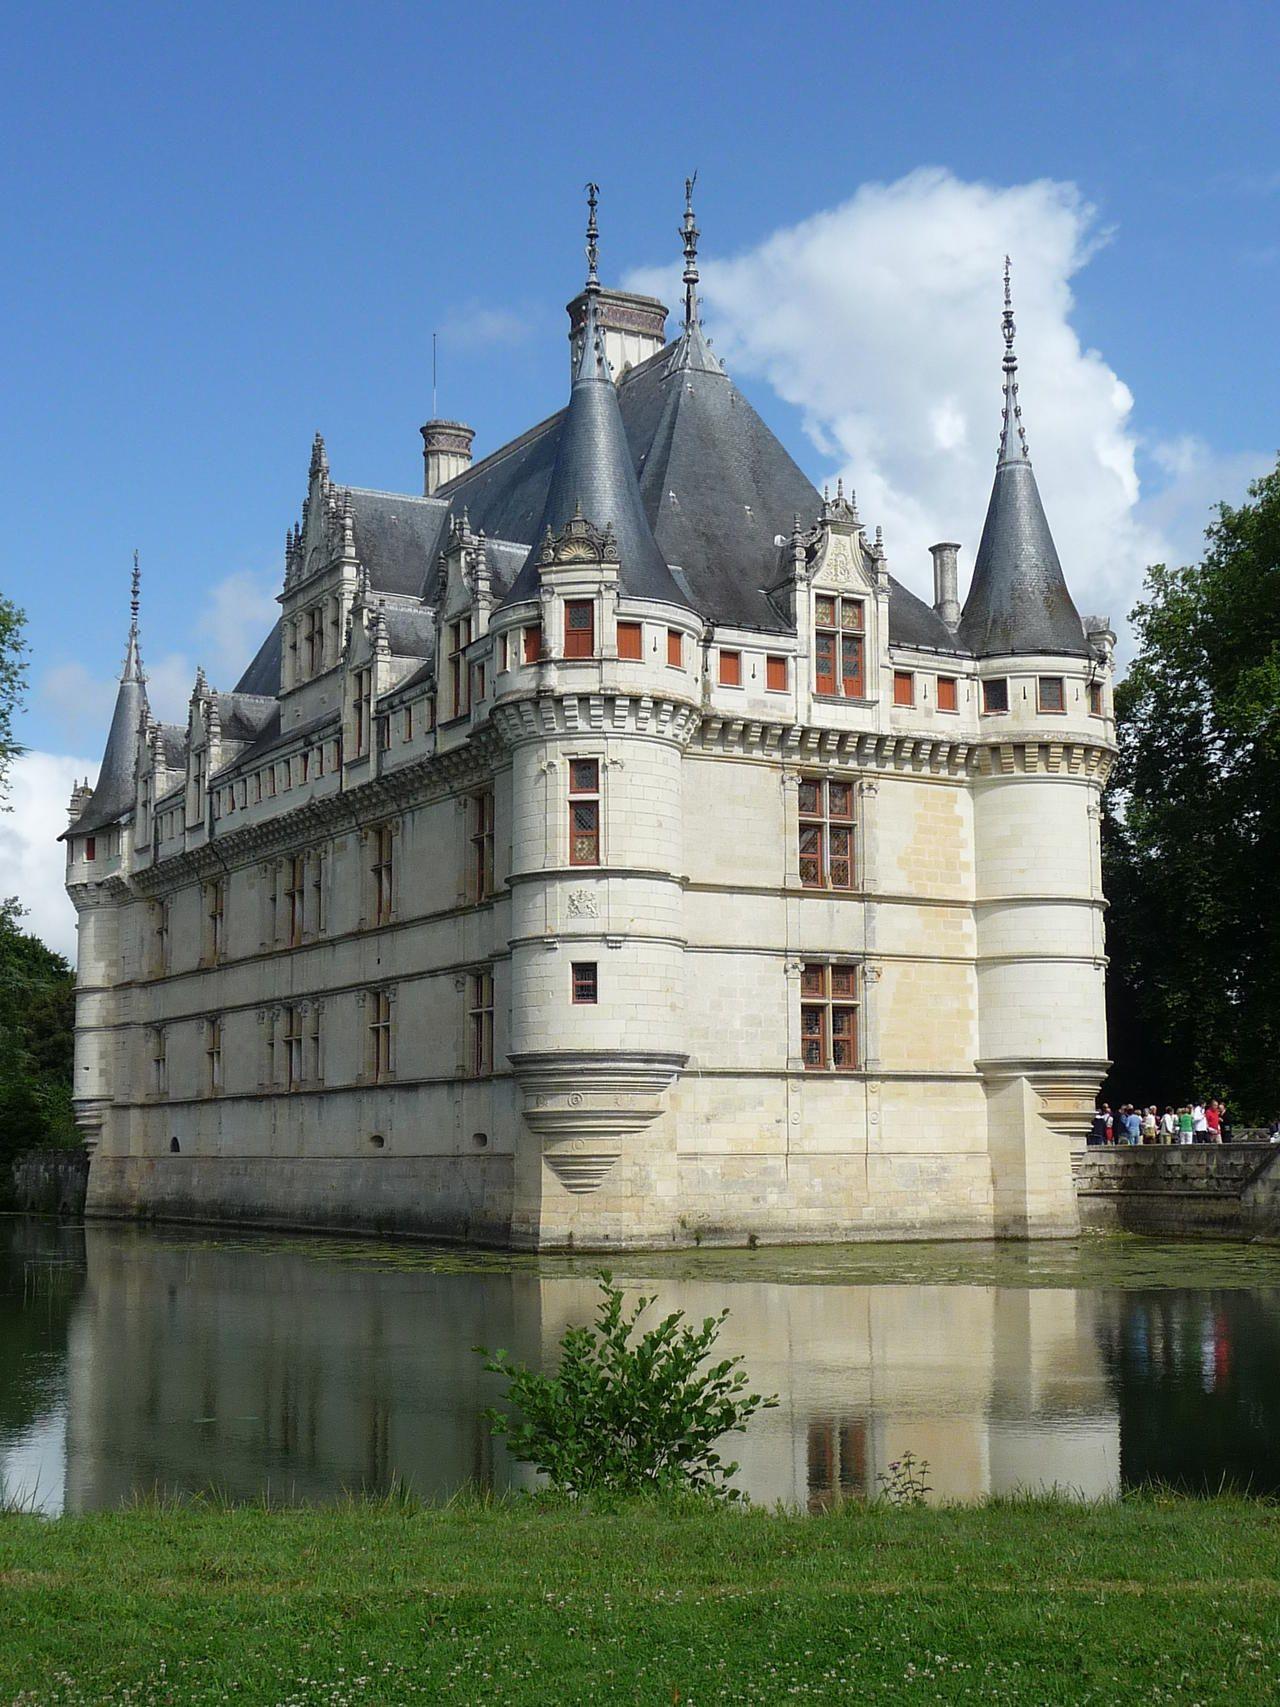 Chateau D Azay Le Rideau Chateau De La Renaissance Bati